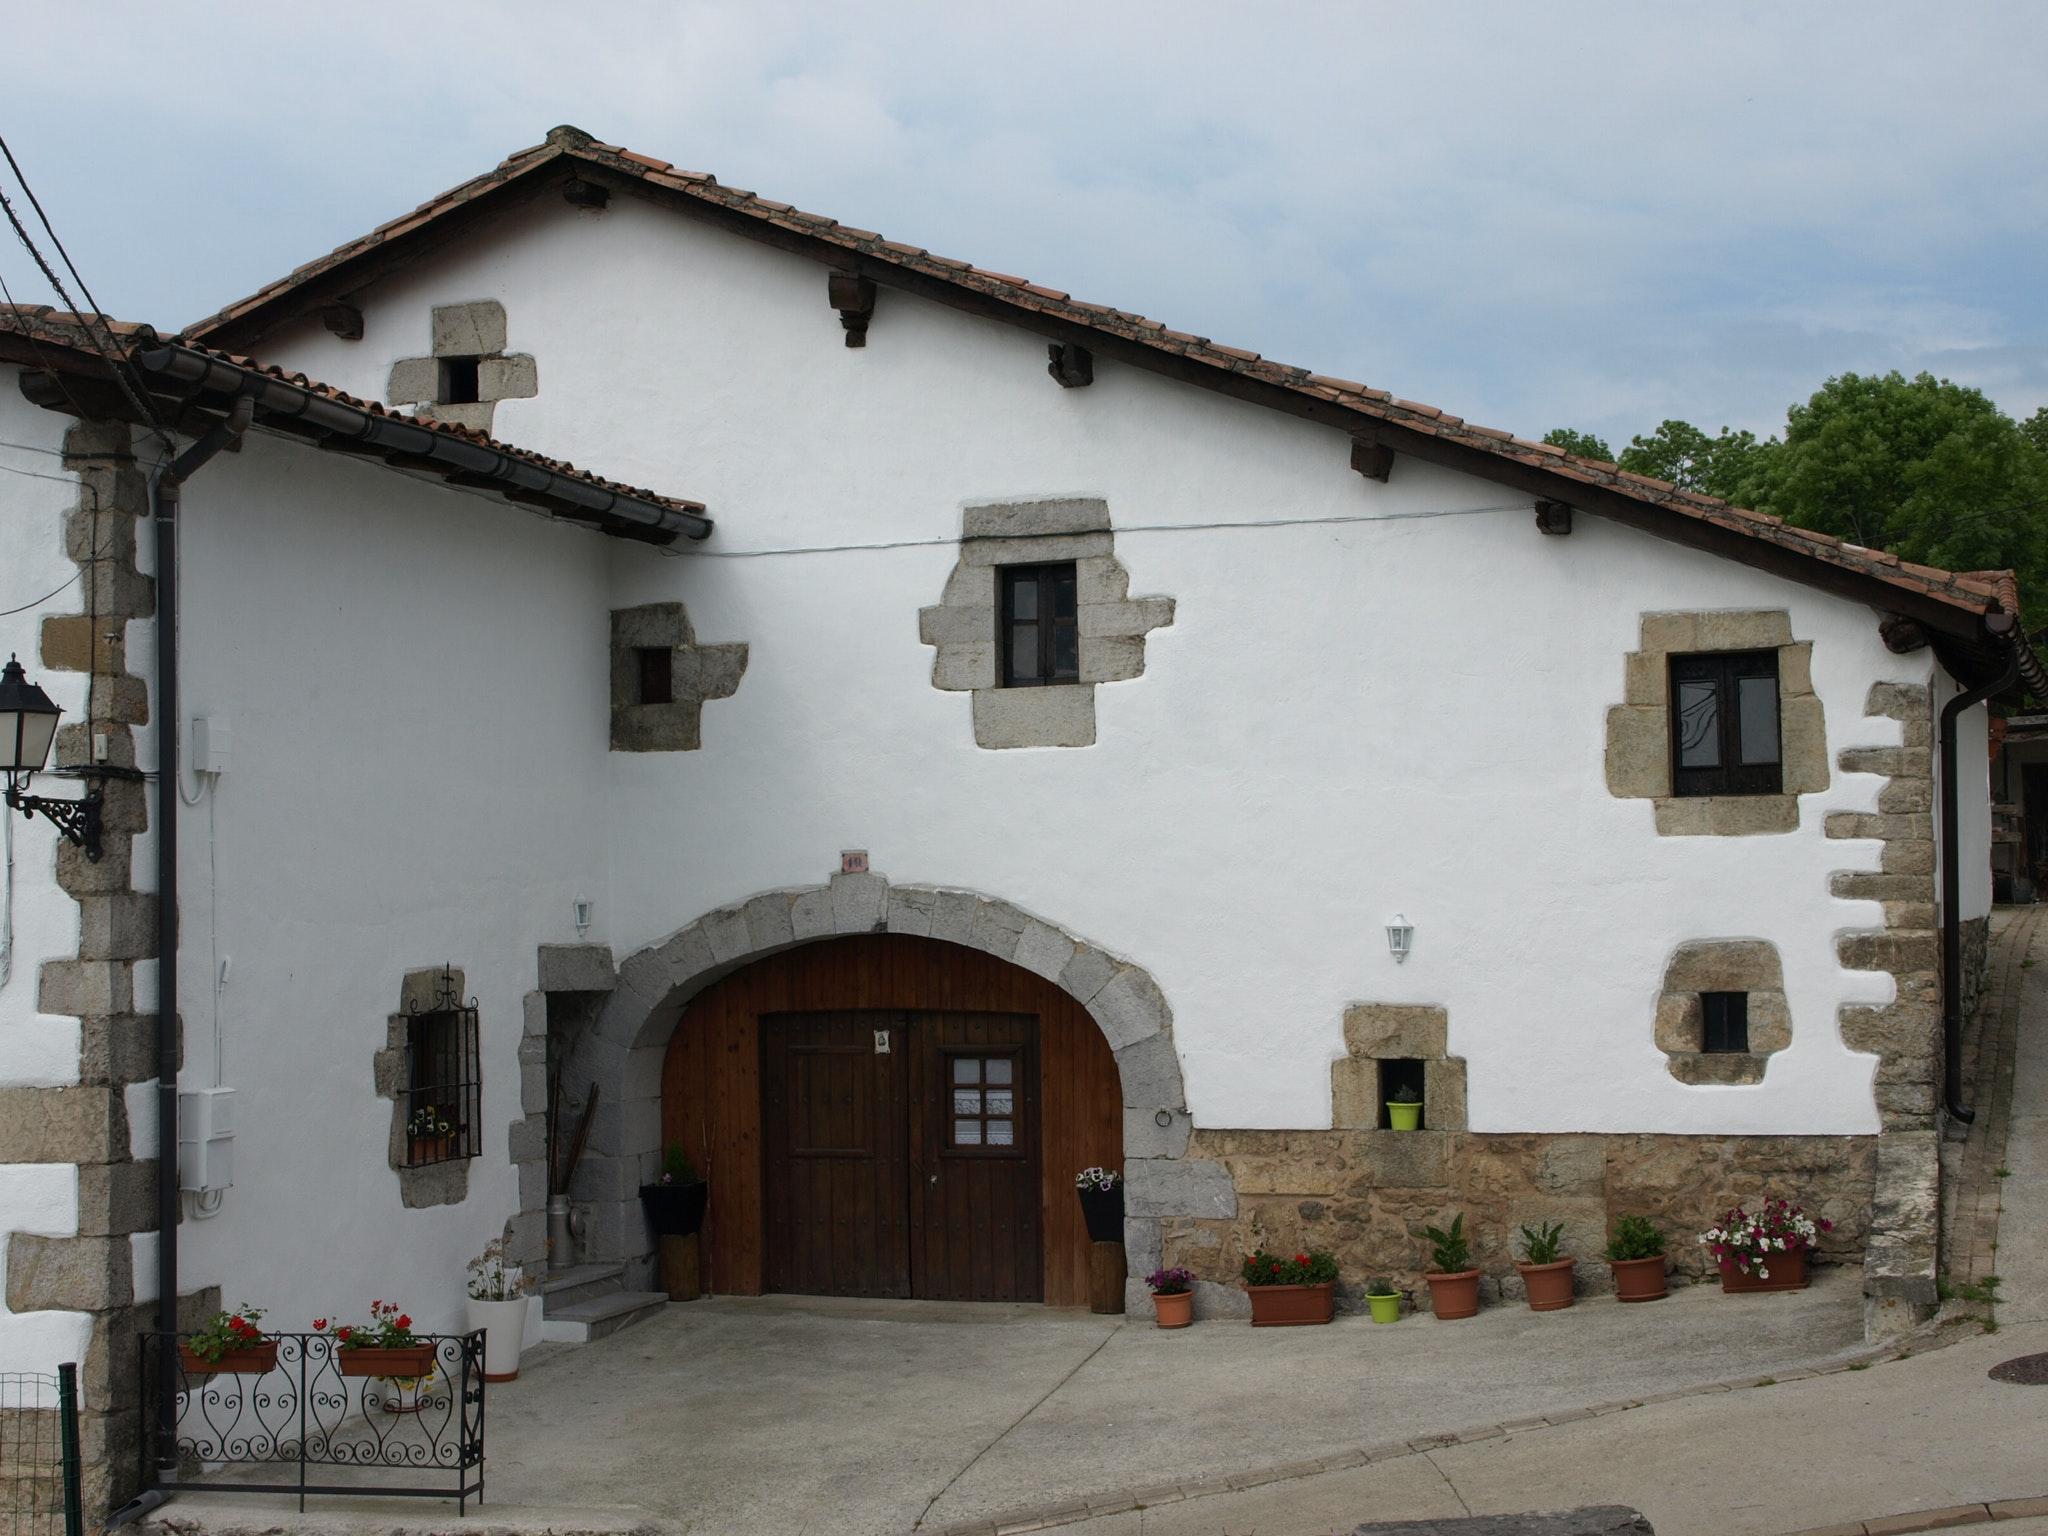 Ferienhaus Haus mit 5 Schlafzimmern in Baráibar mit toller Aussicht auf die Berge, möbliertem Garten  (2541138), Baraibar, , Navarra, Spanien, Bild 27